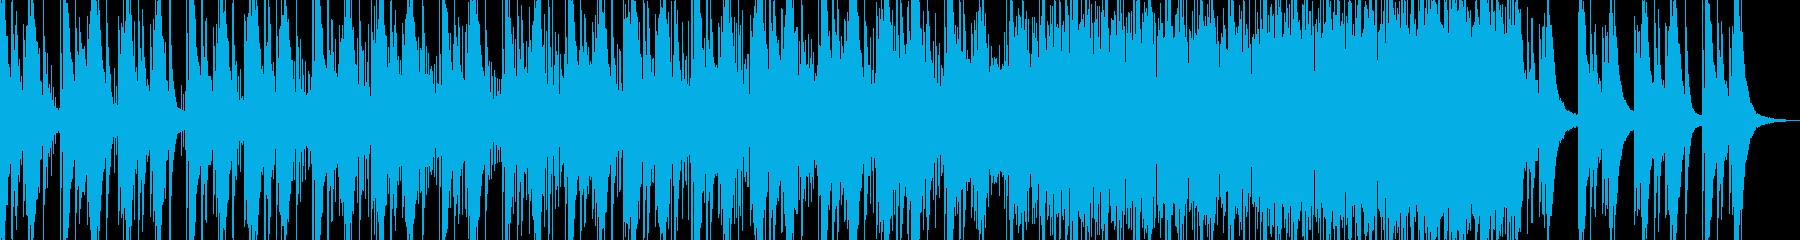 スタイリッシュなCM、ショートムービーの再生済みの波形